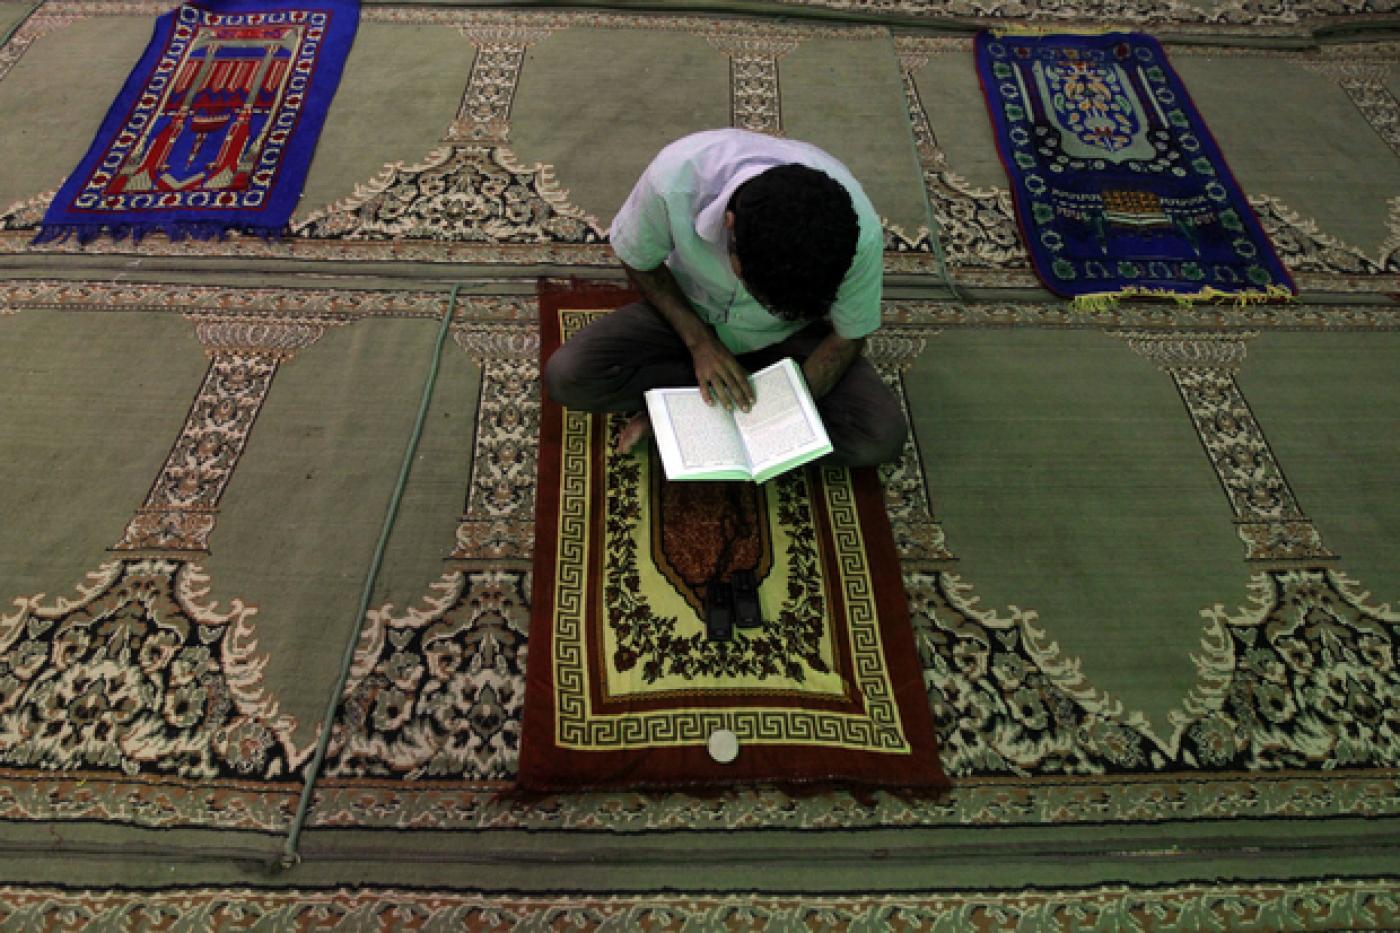 Un musulman lit le Coran dans une mosquée (AFP)